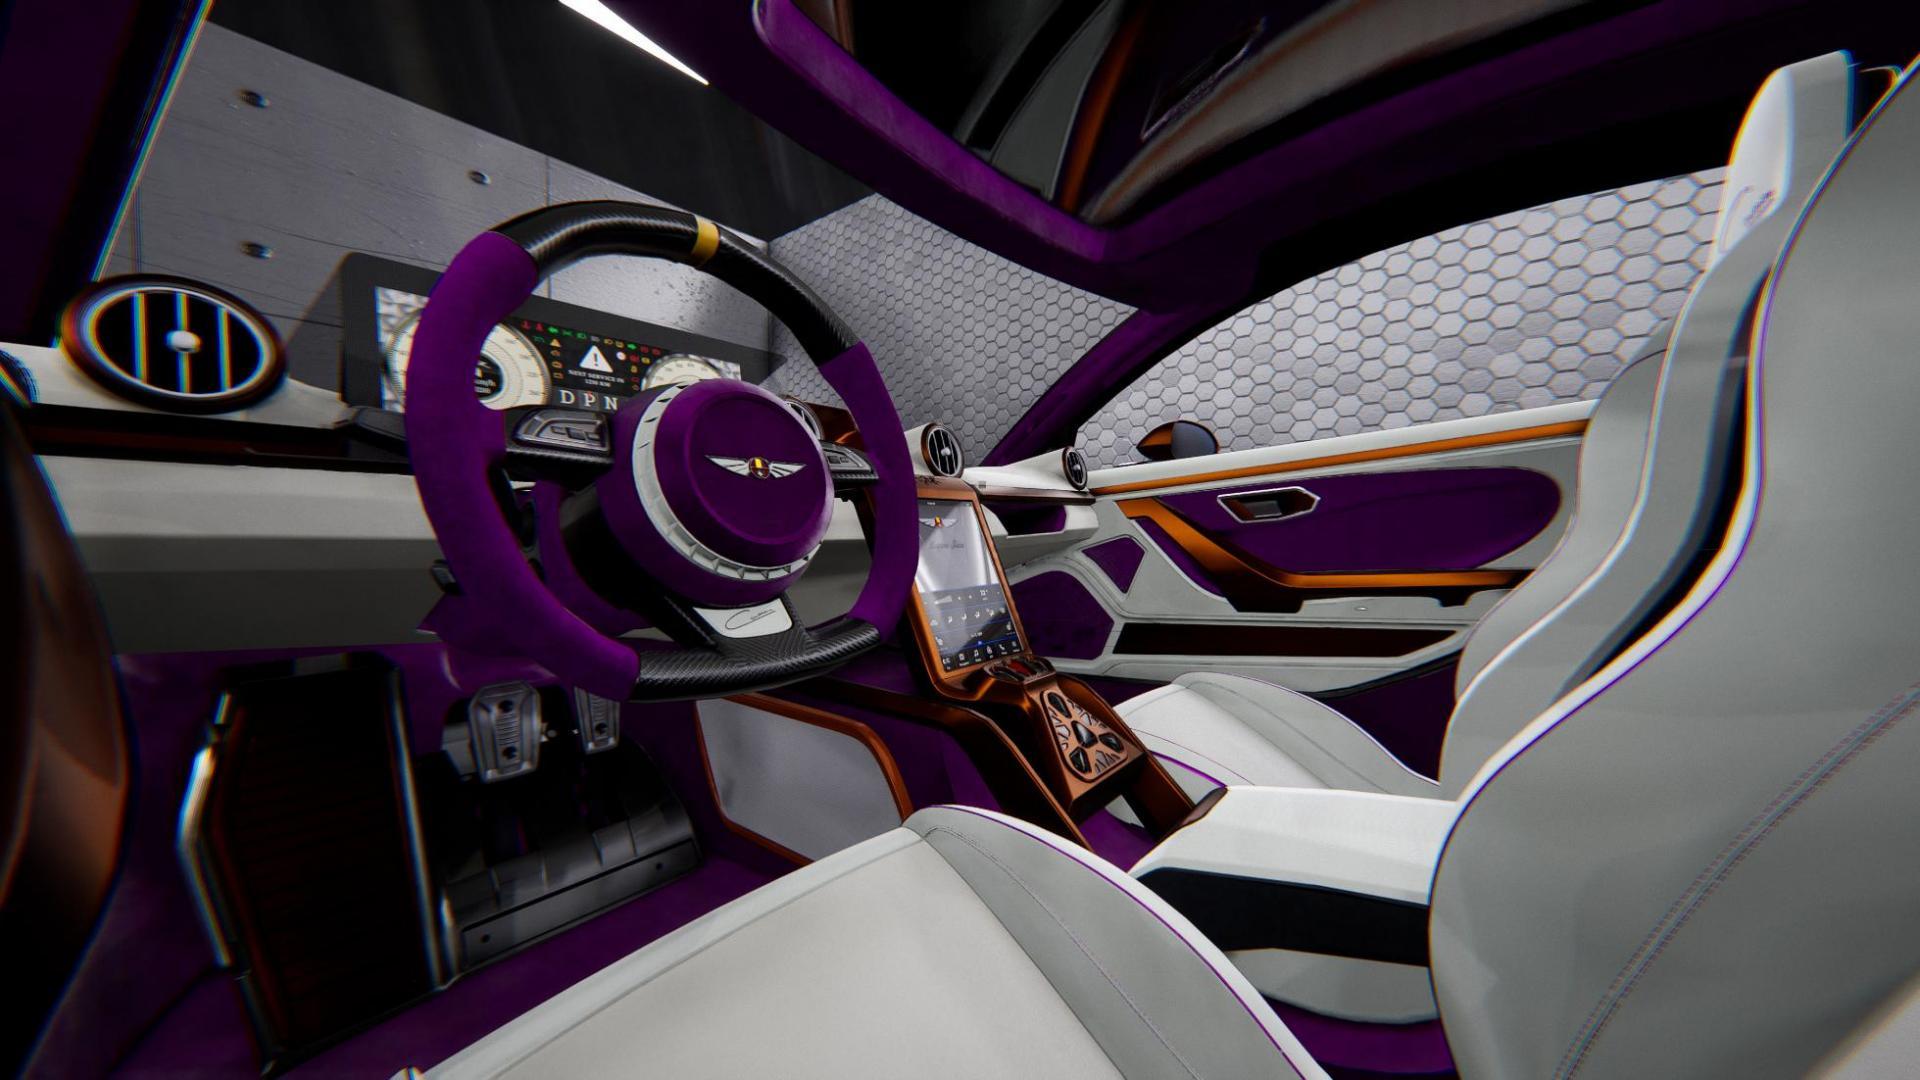 Hispano suiza carmen michael fux purple interior